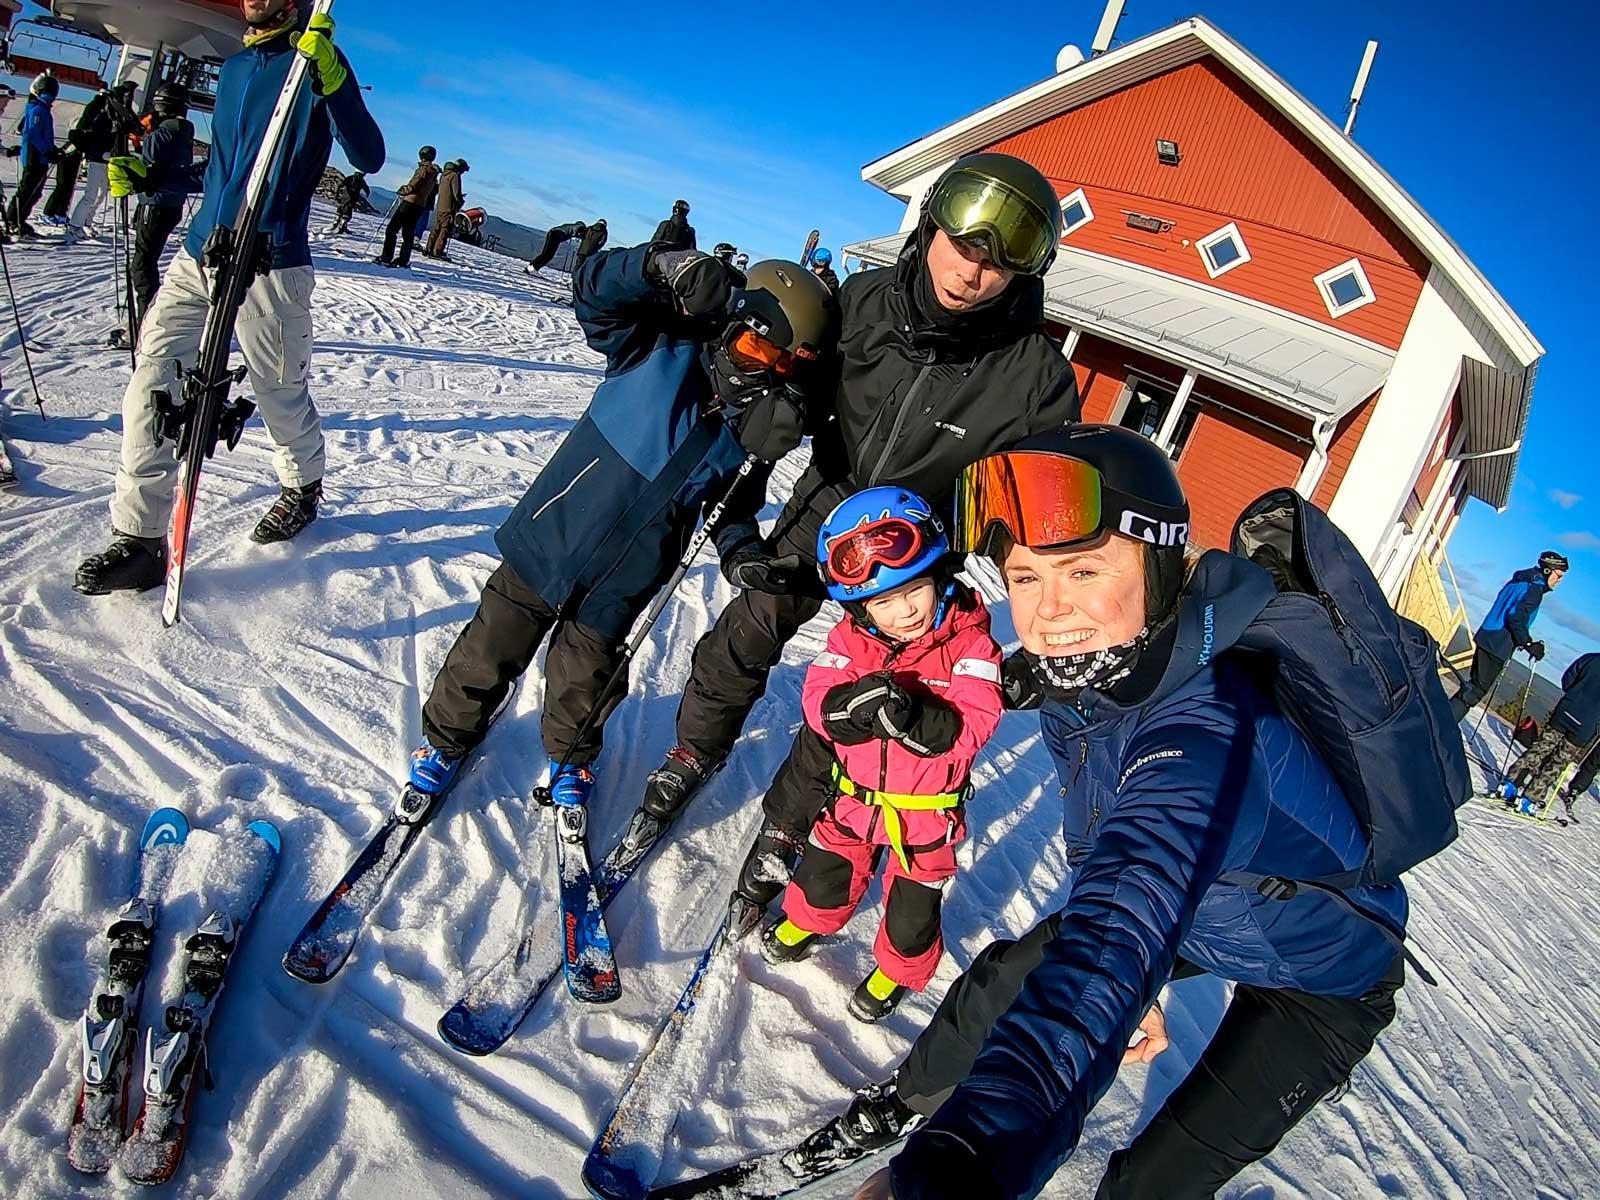 En av få bilder på hela familjen från en av våra resor. Här på sportlov i Branäs. Från vänster Sigge, Niclas, Isafold och Brynja.